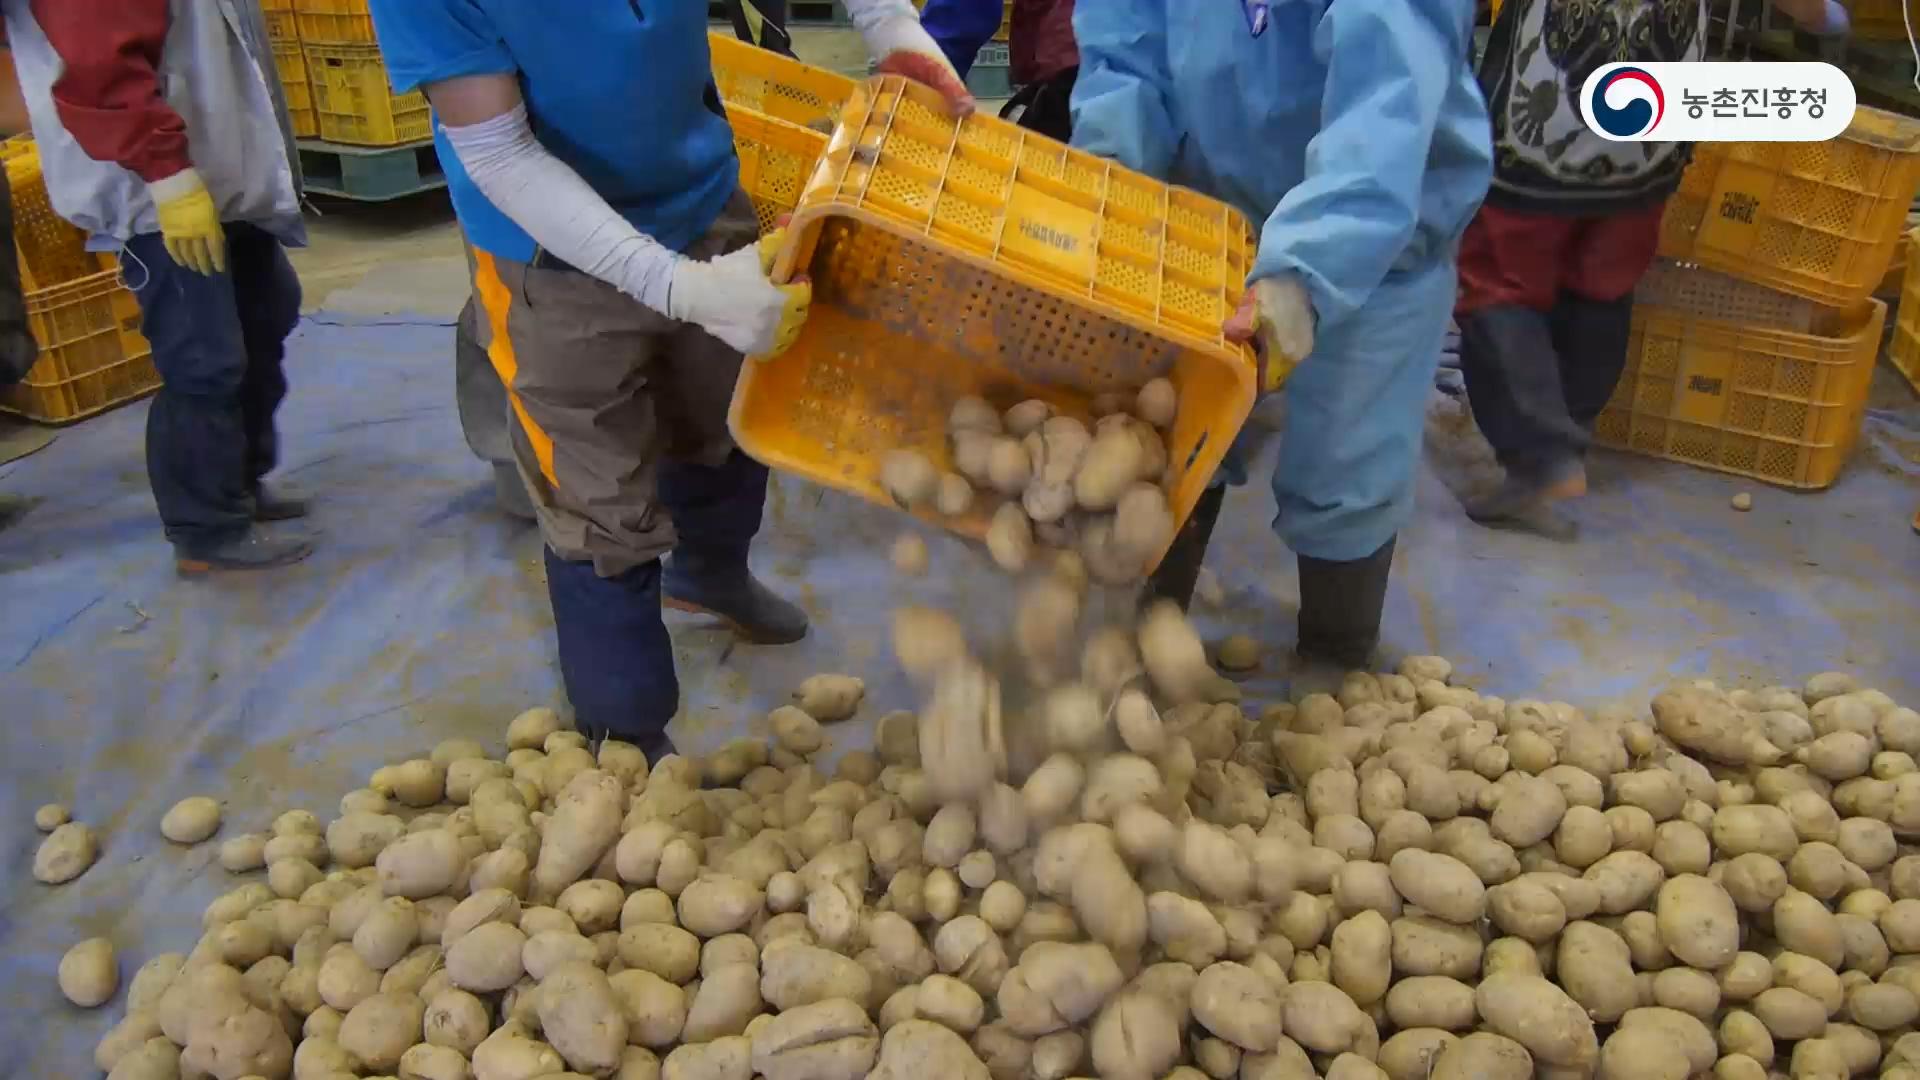 감자수확 후 관리요령